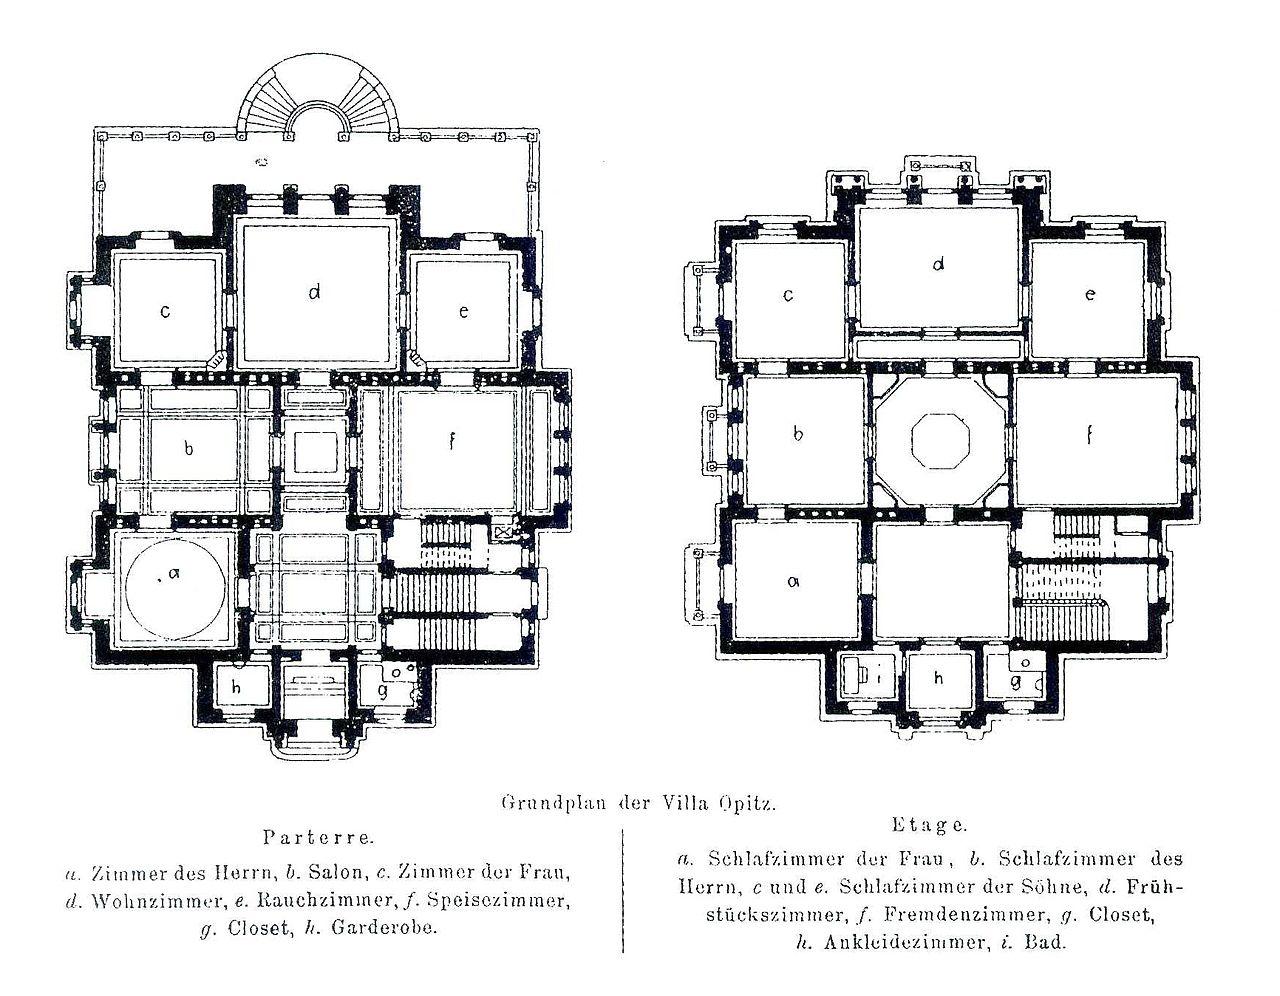 datei dresden villa opitz grundriss mosczynskystra e 10 ecke beuststra e von hermann august. Black Bedroom Furniture Sets. Home Design Ideas